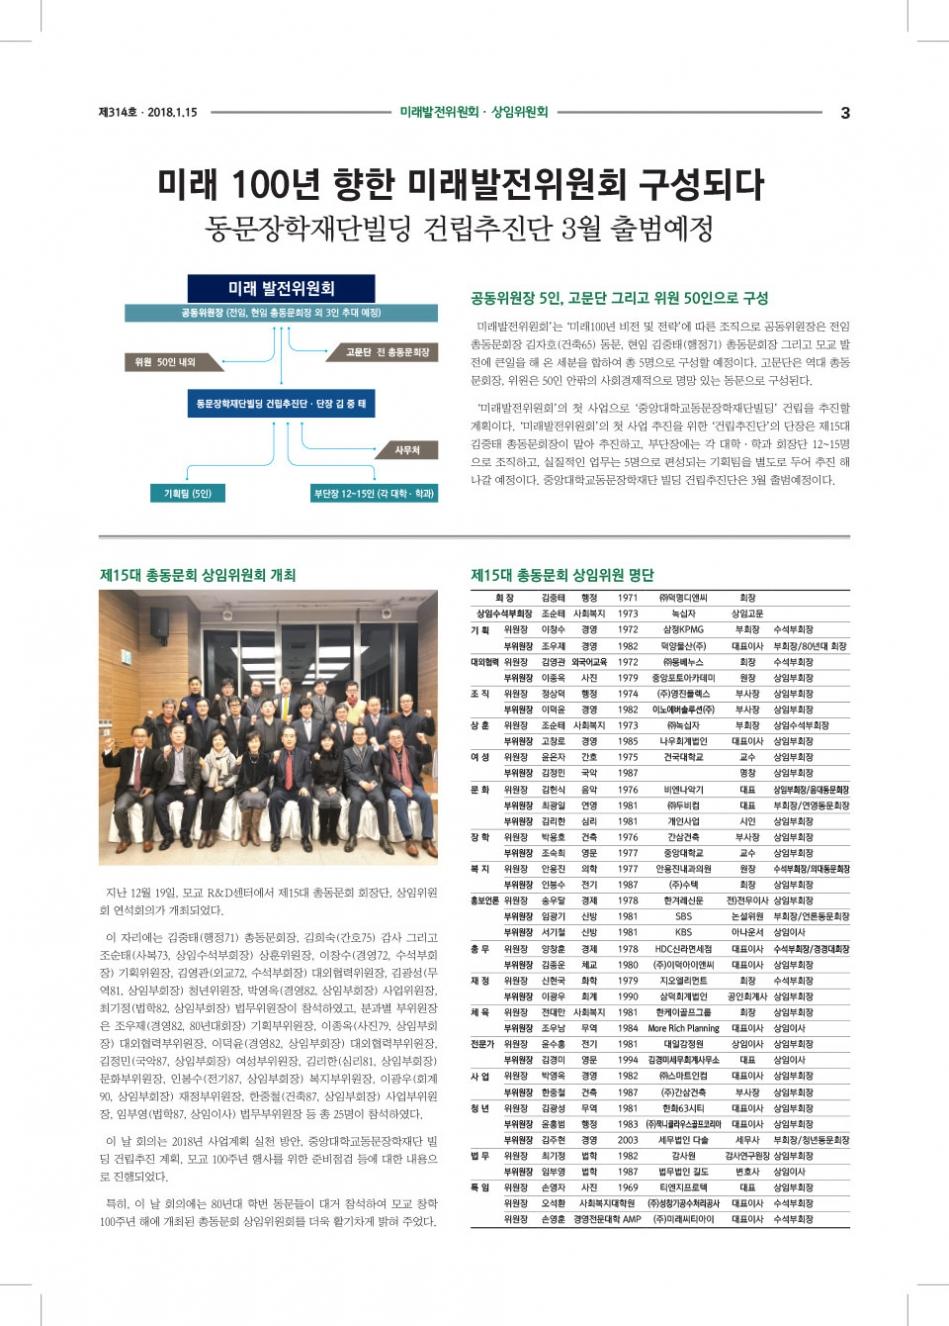 중총신문-18-2-15-최종00-OL인쇄다시-(1)-3.jpg